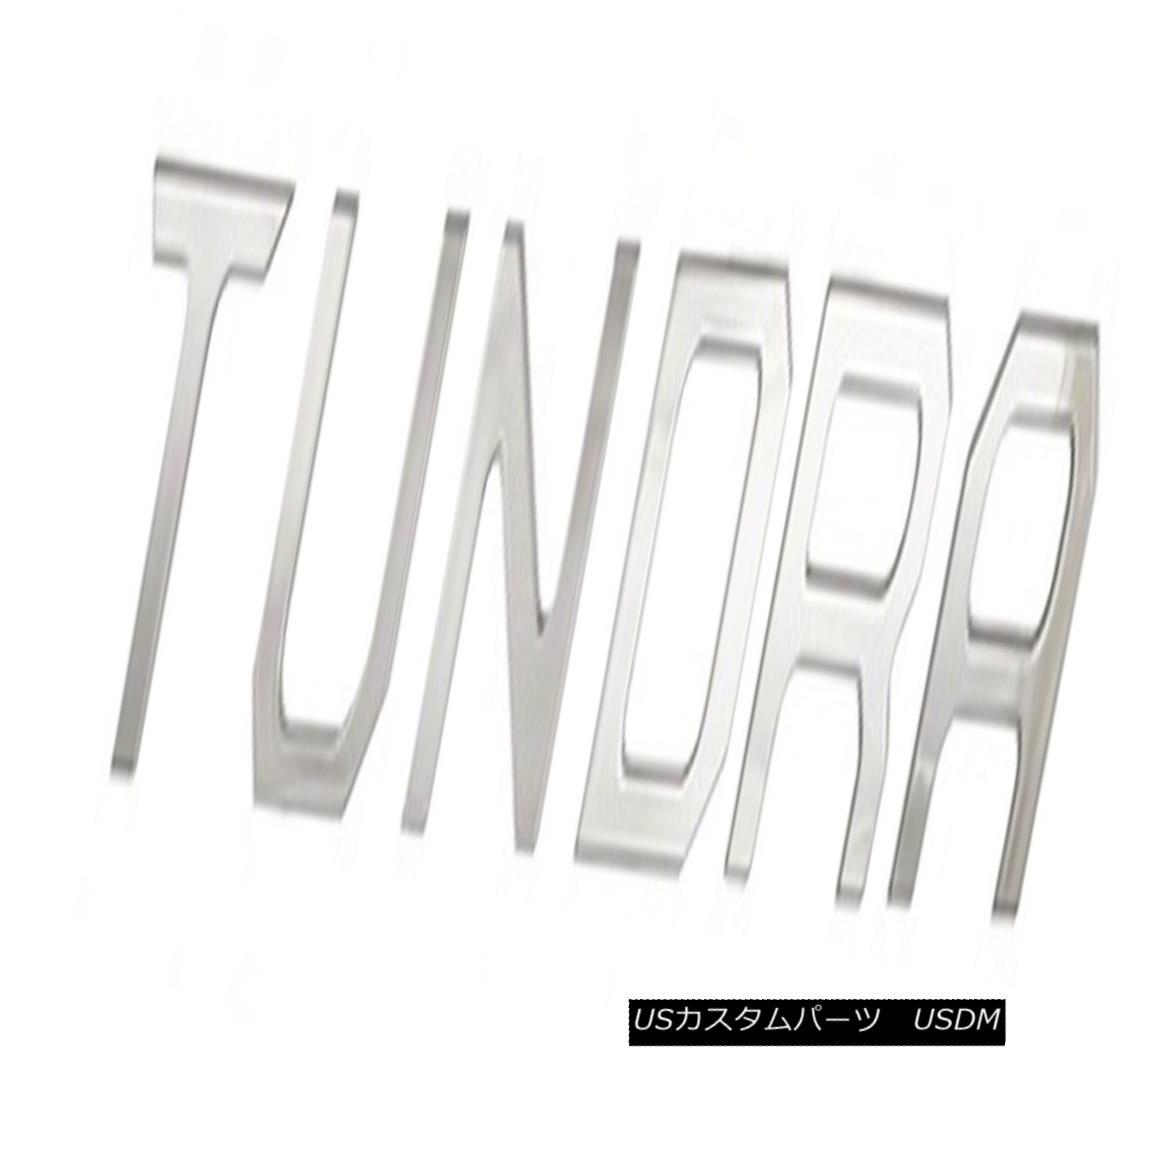 グリル Fits 2014-15 Tundra Chrome Accent Letters (T-U-N-D-R-A) CCITUNDRA01S 2014-15 Tundra Chromeアクセントレター(T-U-N-D-R-A)CCITUNDRA01Sに適合